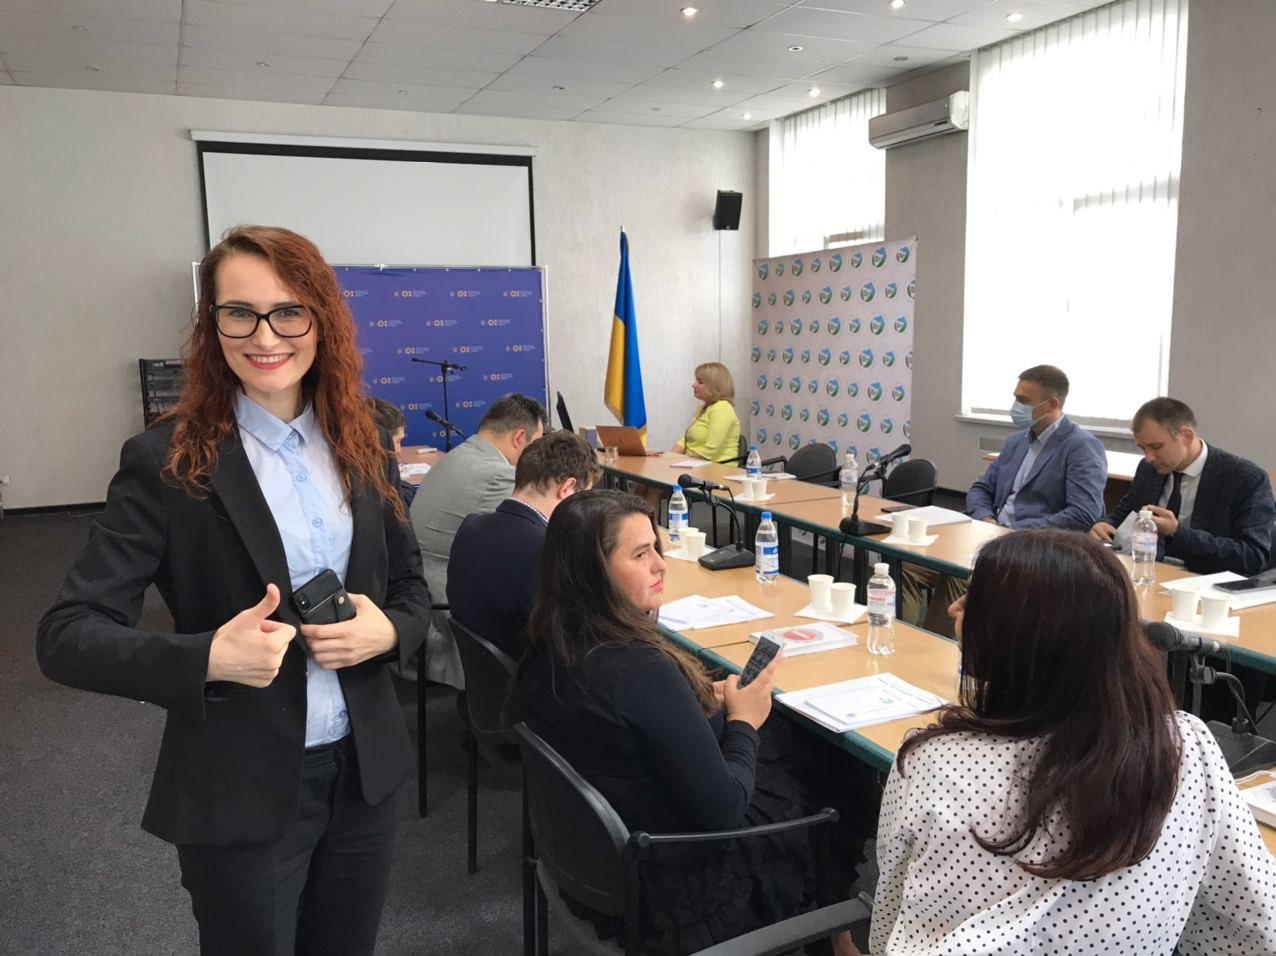 Науковці політехніки представили успішні кейси діяльності на першому Всеукраїнському форумі молодих учених